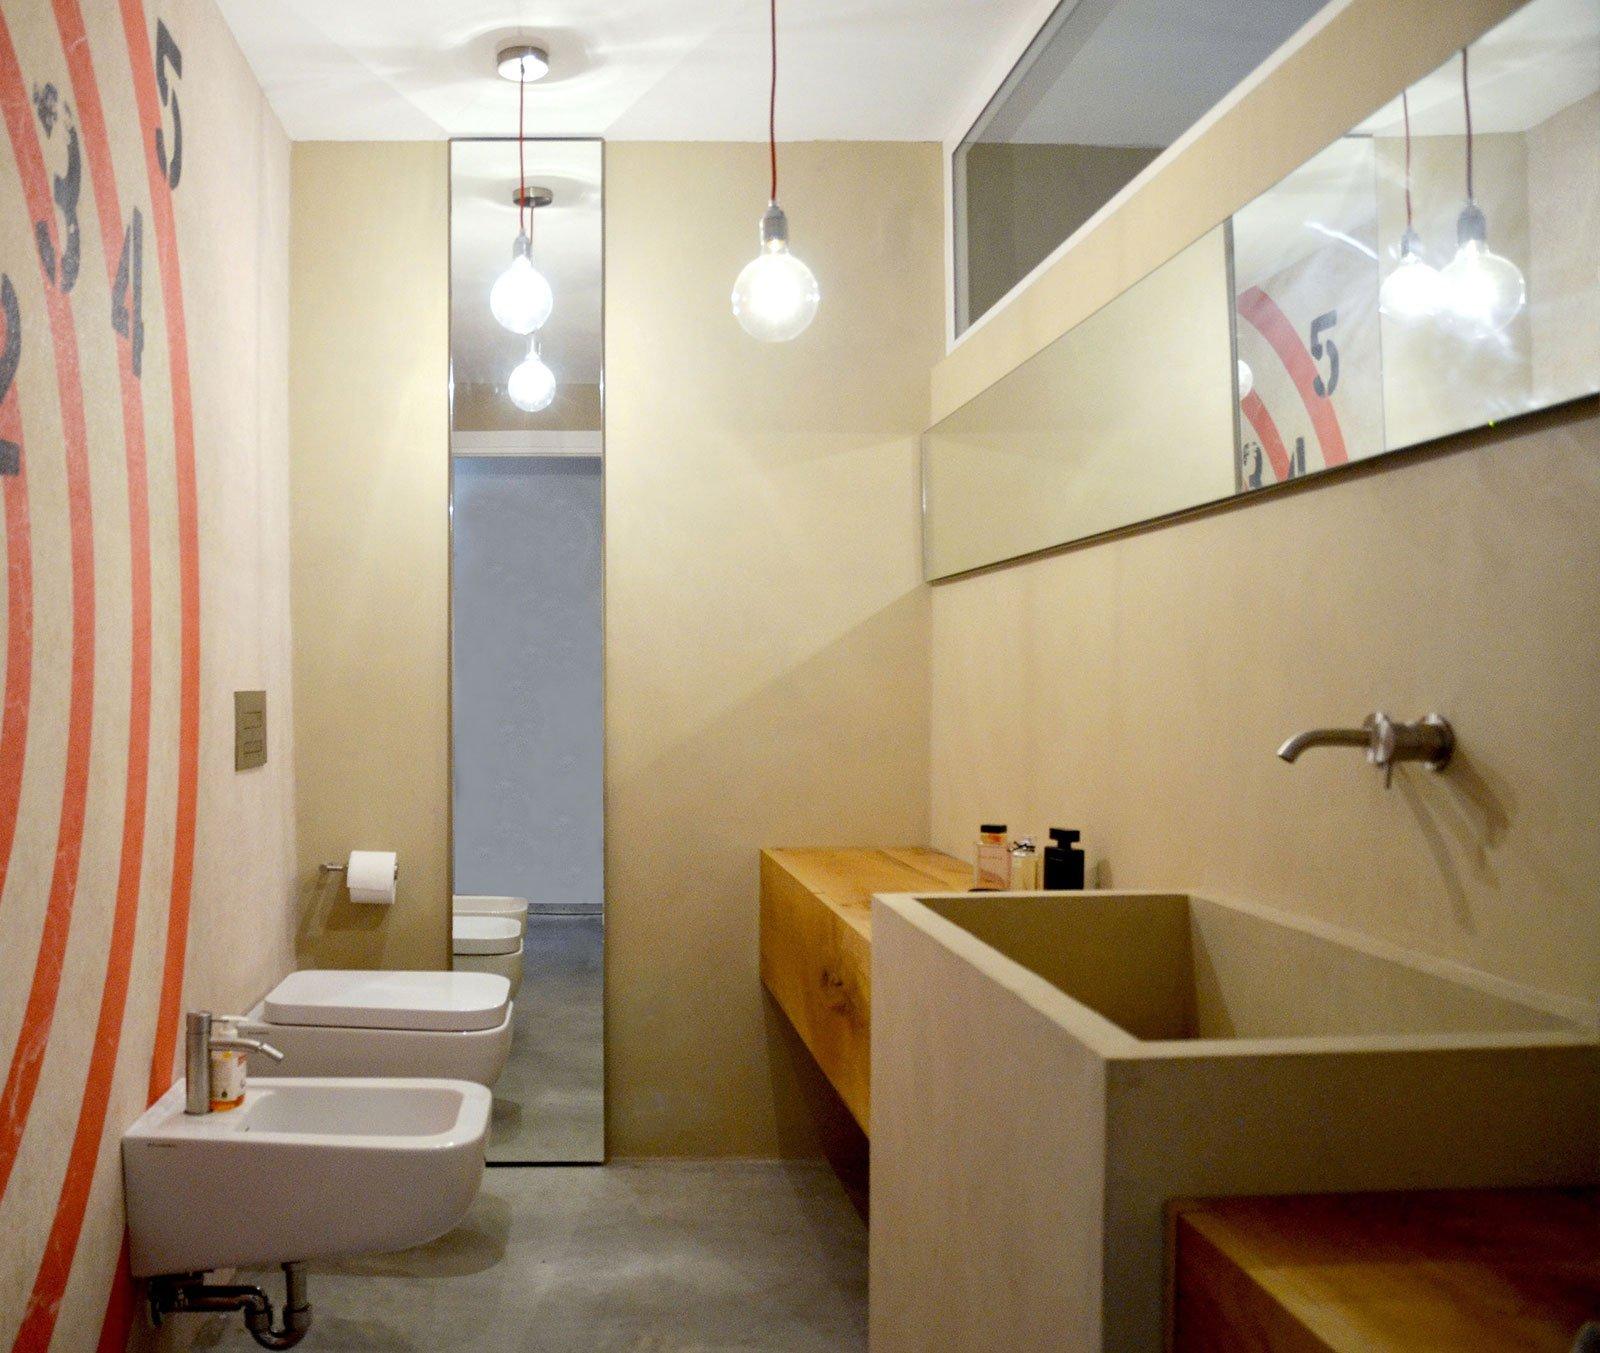 Resina rivestimenti per pavimenti pareti piani di lavoro e soffitti cose di casa - Rivestimenti bagno resina ...